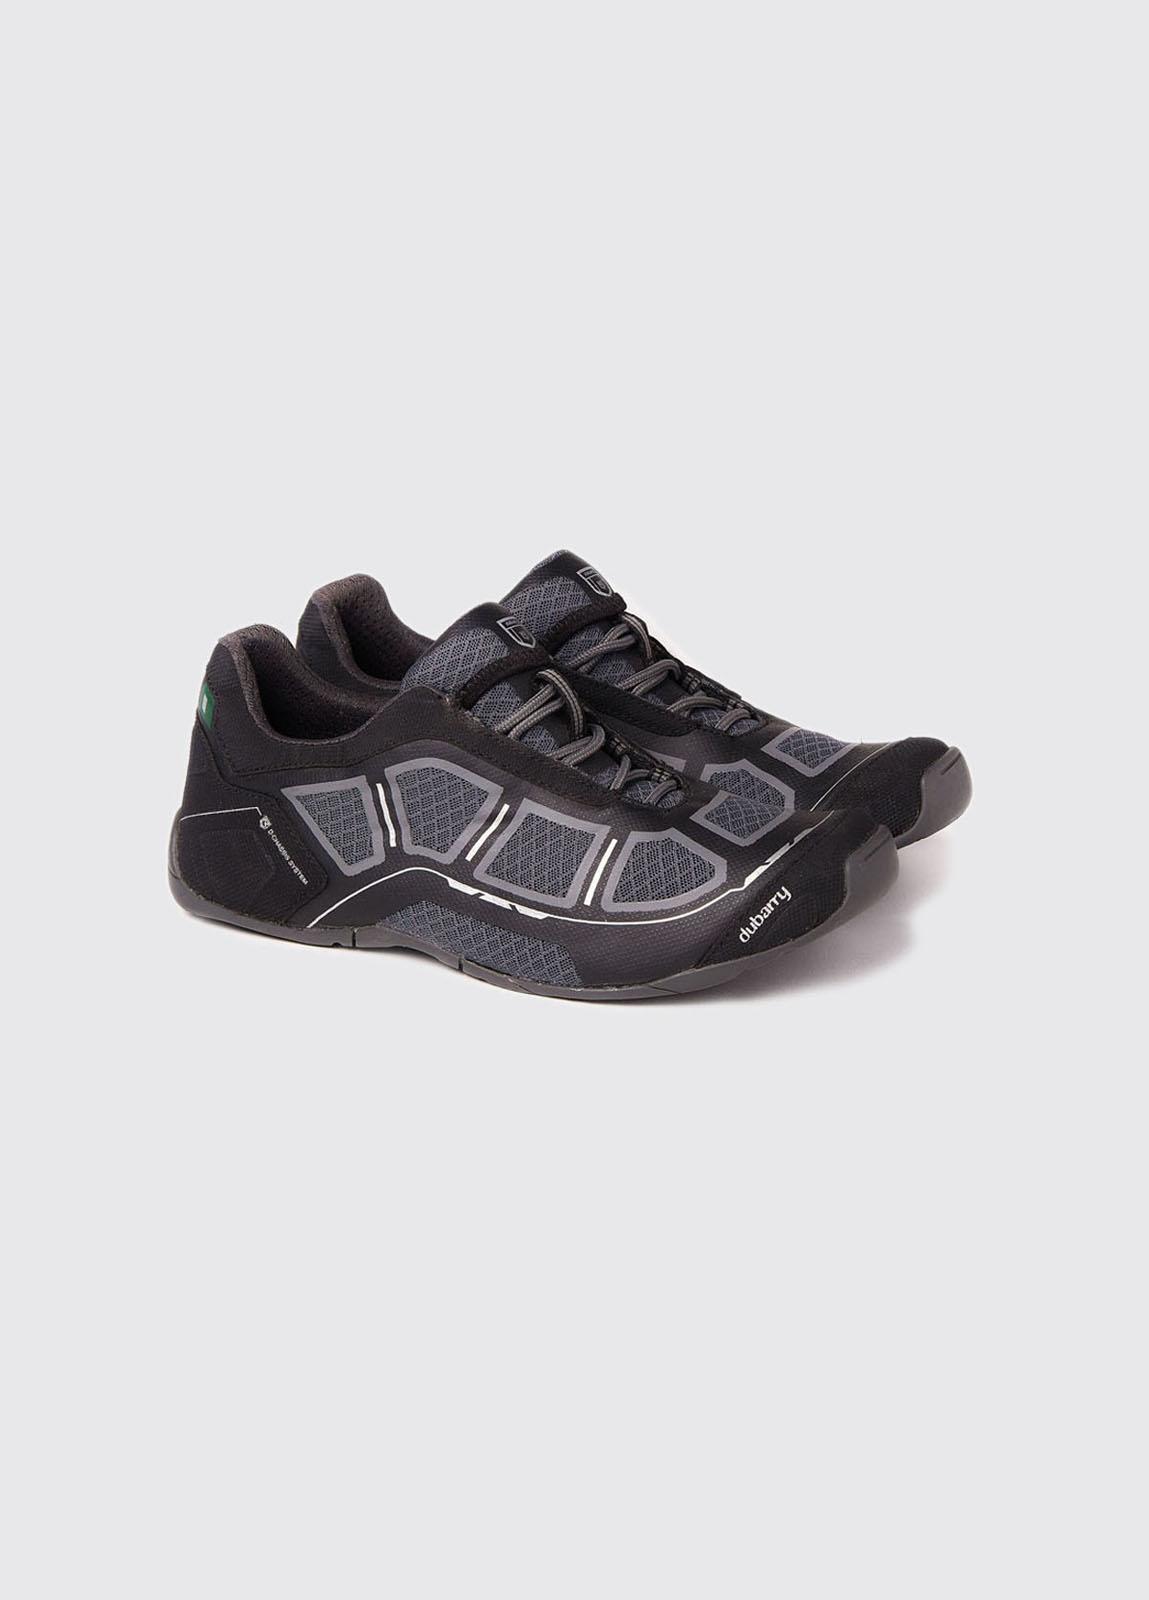 Easkey Sailing Shoe - Carbon